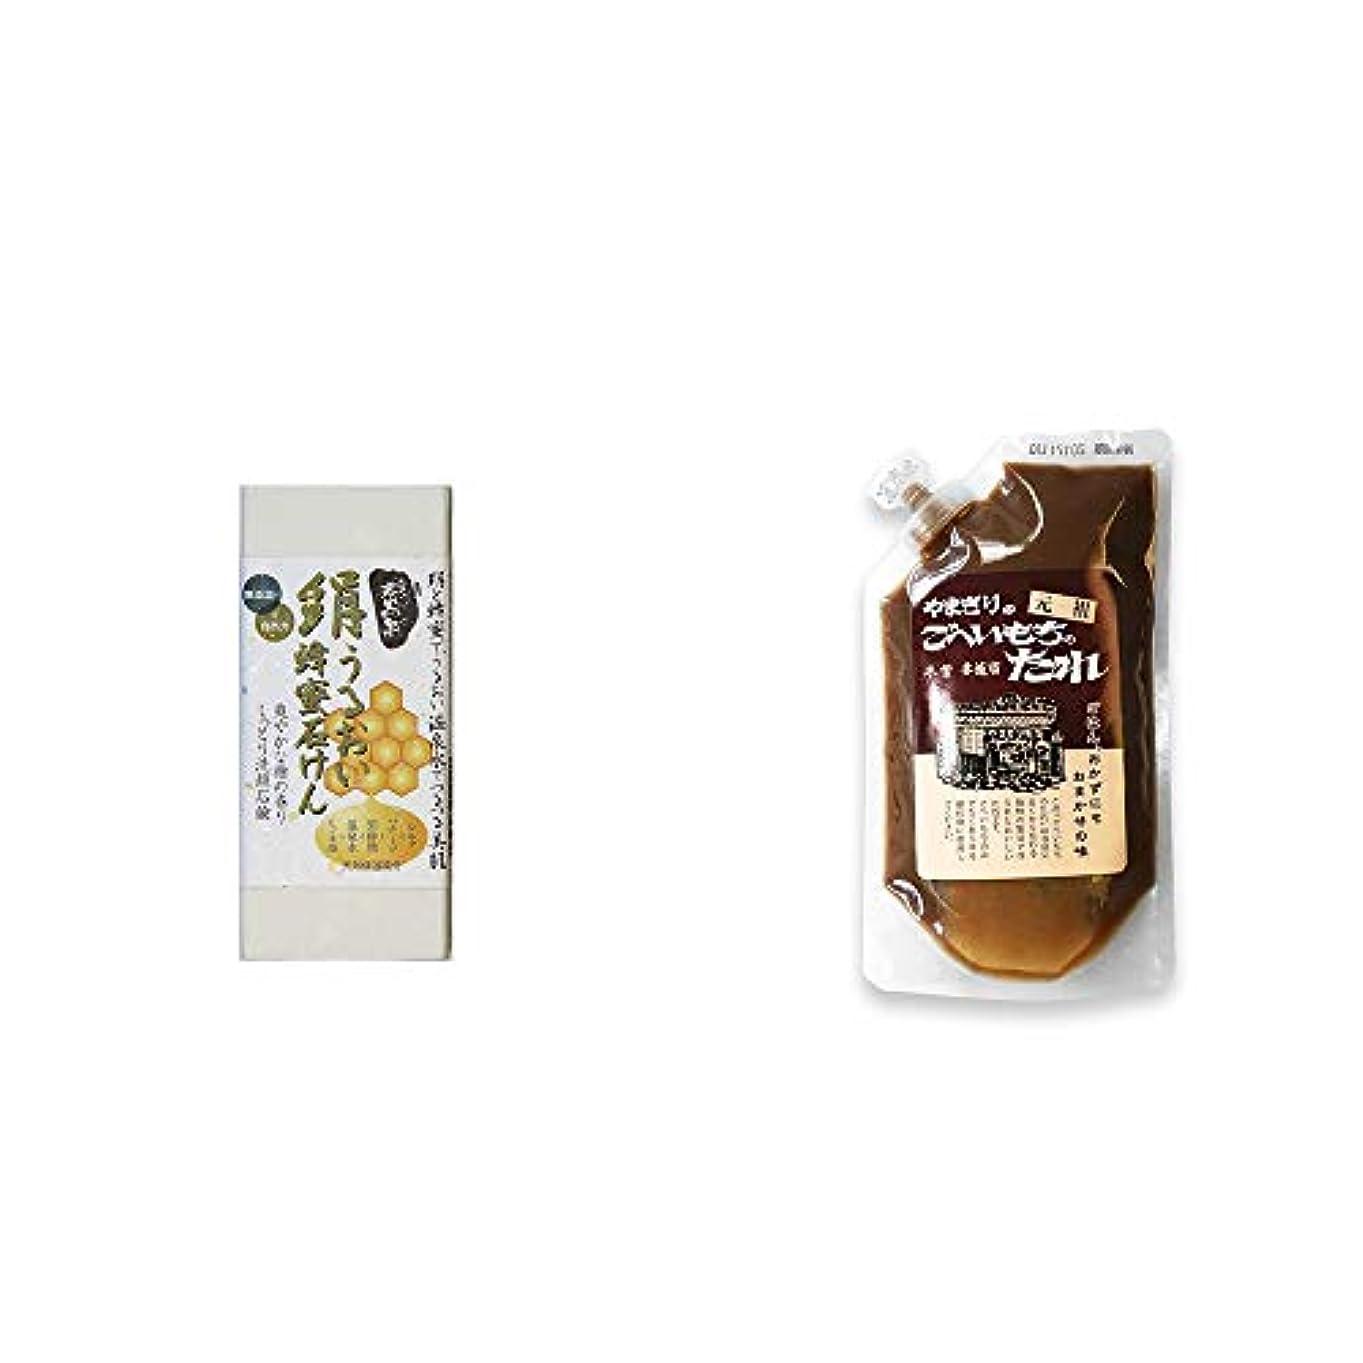 爆発物病者シミュレートする[2点セット] ひのき炭黒泉 絹うるおい蜂蜜石けん(75g×2)?妻籠宿 やまぎり食堂 ごへい餅のたれ(250g)